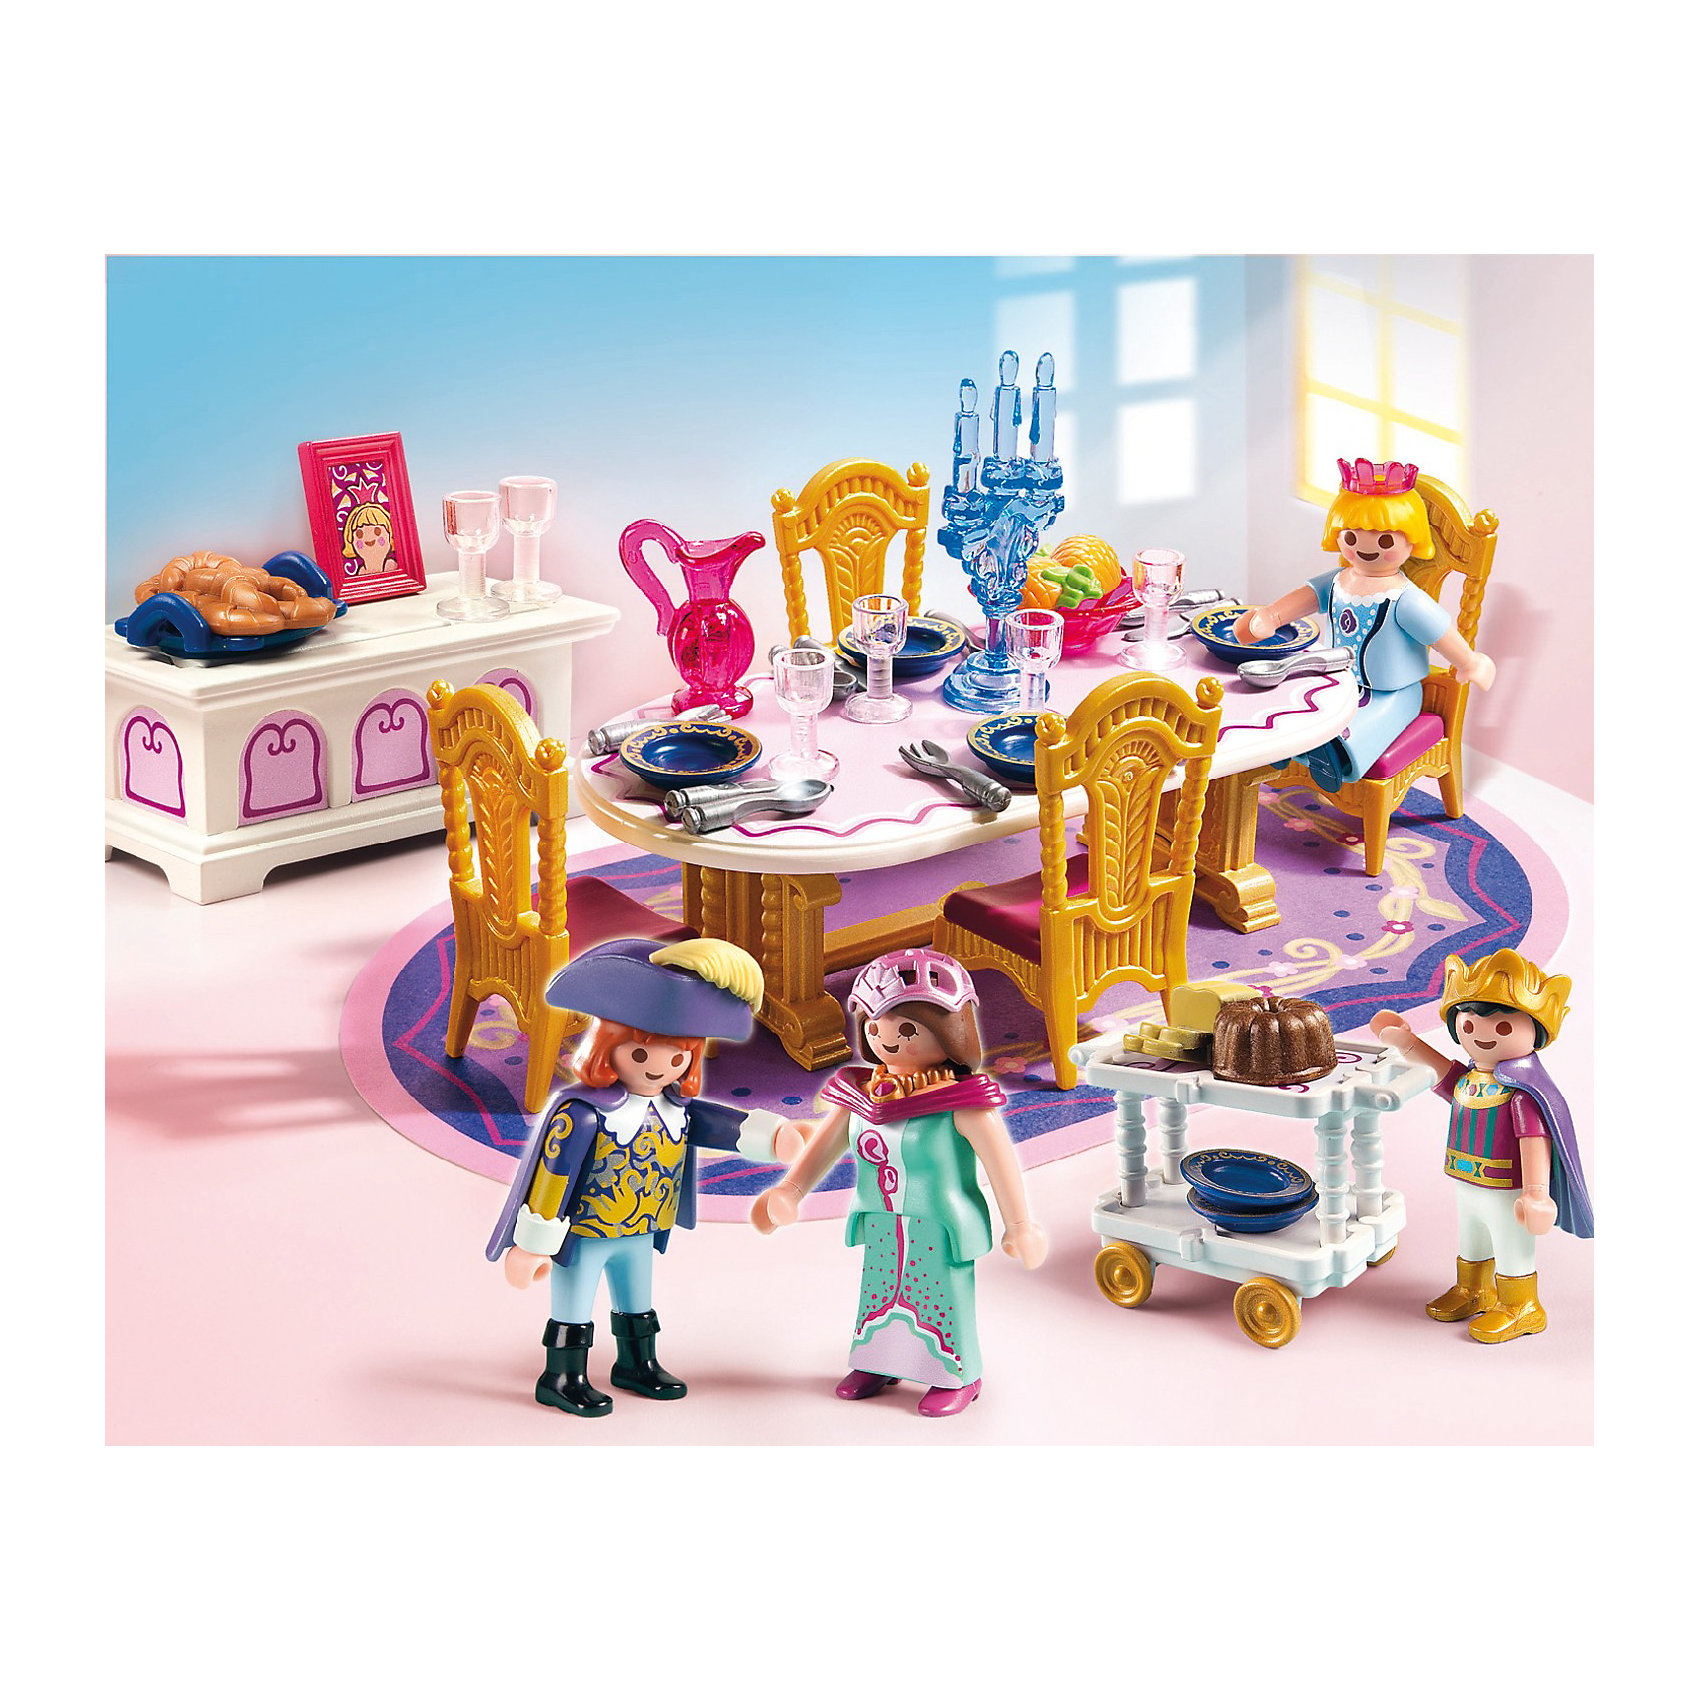 Королевский обеденный зал, PLAYMOBILИзвестный бренд  Playmobil  (Плеймобил) дарит своим  друзьям  игровой набор с элементами конструктора 5145 Королевский обеденный зал из серии Сказочный дворец.<br>Устройте настоящий королевский обед вместе с набором от Playmobil.<br><br>В наборе:<br>- овальный обеденный стол, <br>- ковер,<br>- комод для столовых приборов,<br>- стулья, столик на колёсах для подачи пищи, <br>- фигурки королевской семьи<br><br>Дополнительная информация:<br><br>- материал: пластмасса <br>- высота фигурок: 7,5 см. <br>-размер: 20см*25см*5см.   <br>-вес: 500 гр.<br><br>Игрушки от немецкого бренда Playmobil отличаются высоким качеством и надежностью. <br>Замечательное качество игрушек Playmobil — возможность совмещать наборы друг с другом, раздвигая границы игры до бесконечности. <br>Придумывайте и создавайте свои истории вместе с игрушками бренда Playmobil!<br><br>Королевский обеденный зал 5145 от PLAYMOBIL можно купить в нашем интернет-магазине.<br><br>Ширина мм: 254<br>Глубина мм: 202<br>Высота мм: 56<br>Вес г: 261<br>Возраст от месяцев: 48<br>Возраст до месяцев: 120<br>Пол: Женский<br>Возраст: Детский<br>SKU: 2265278